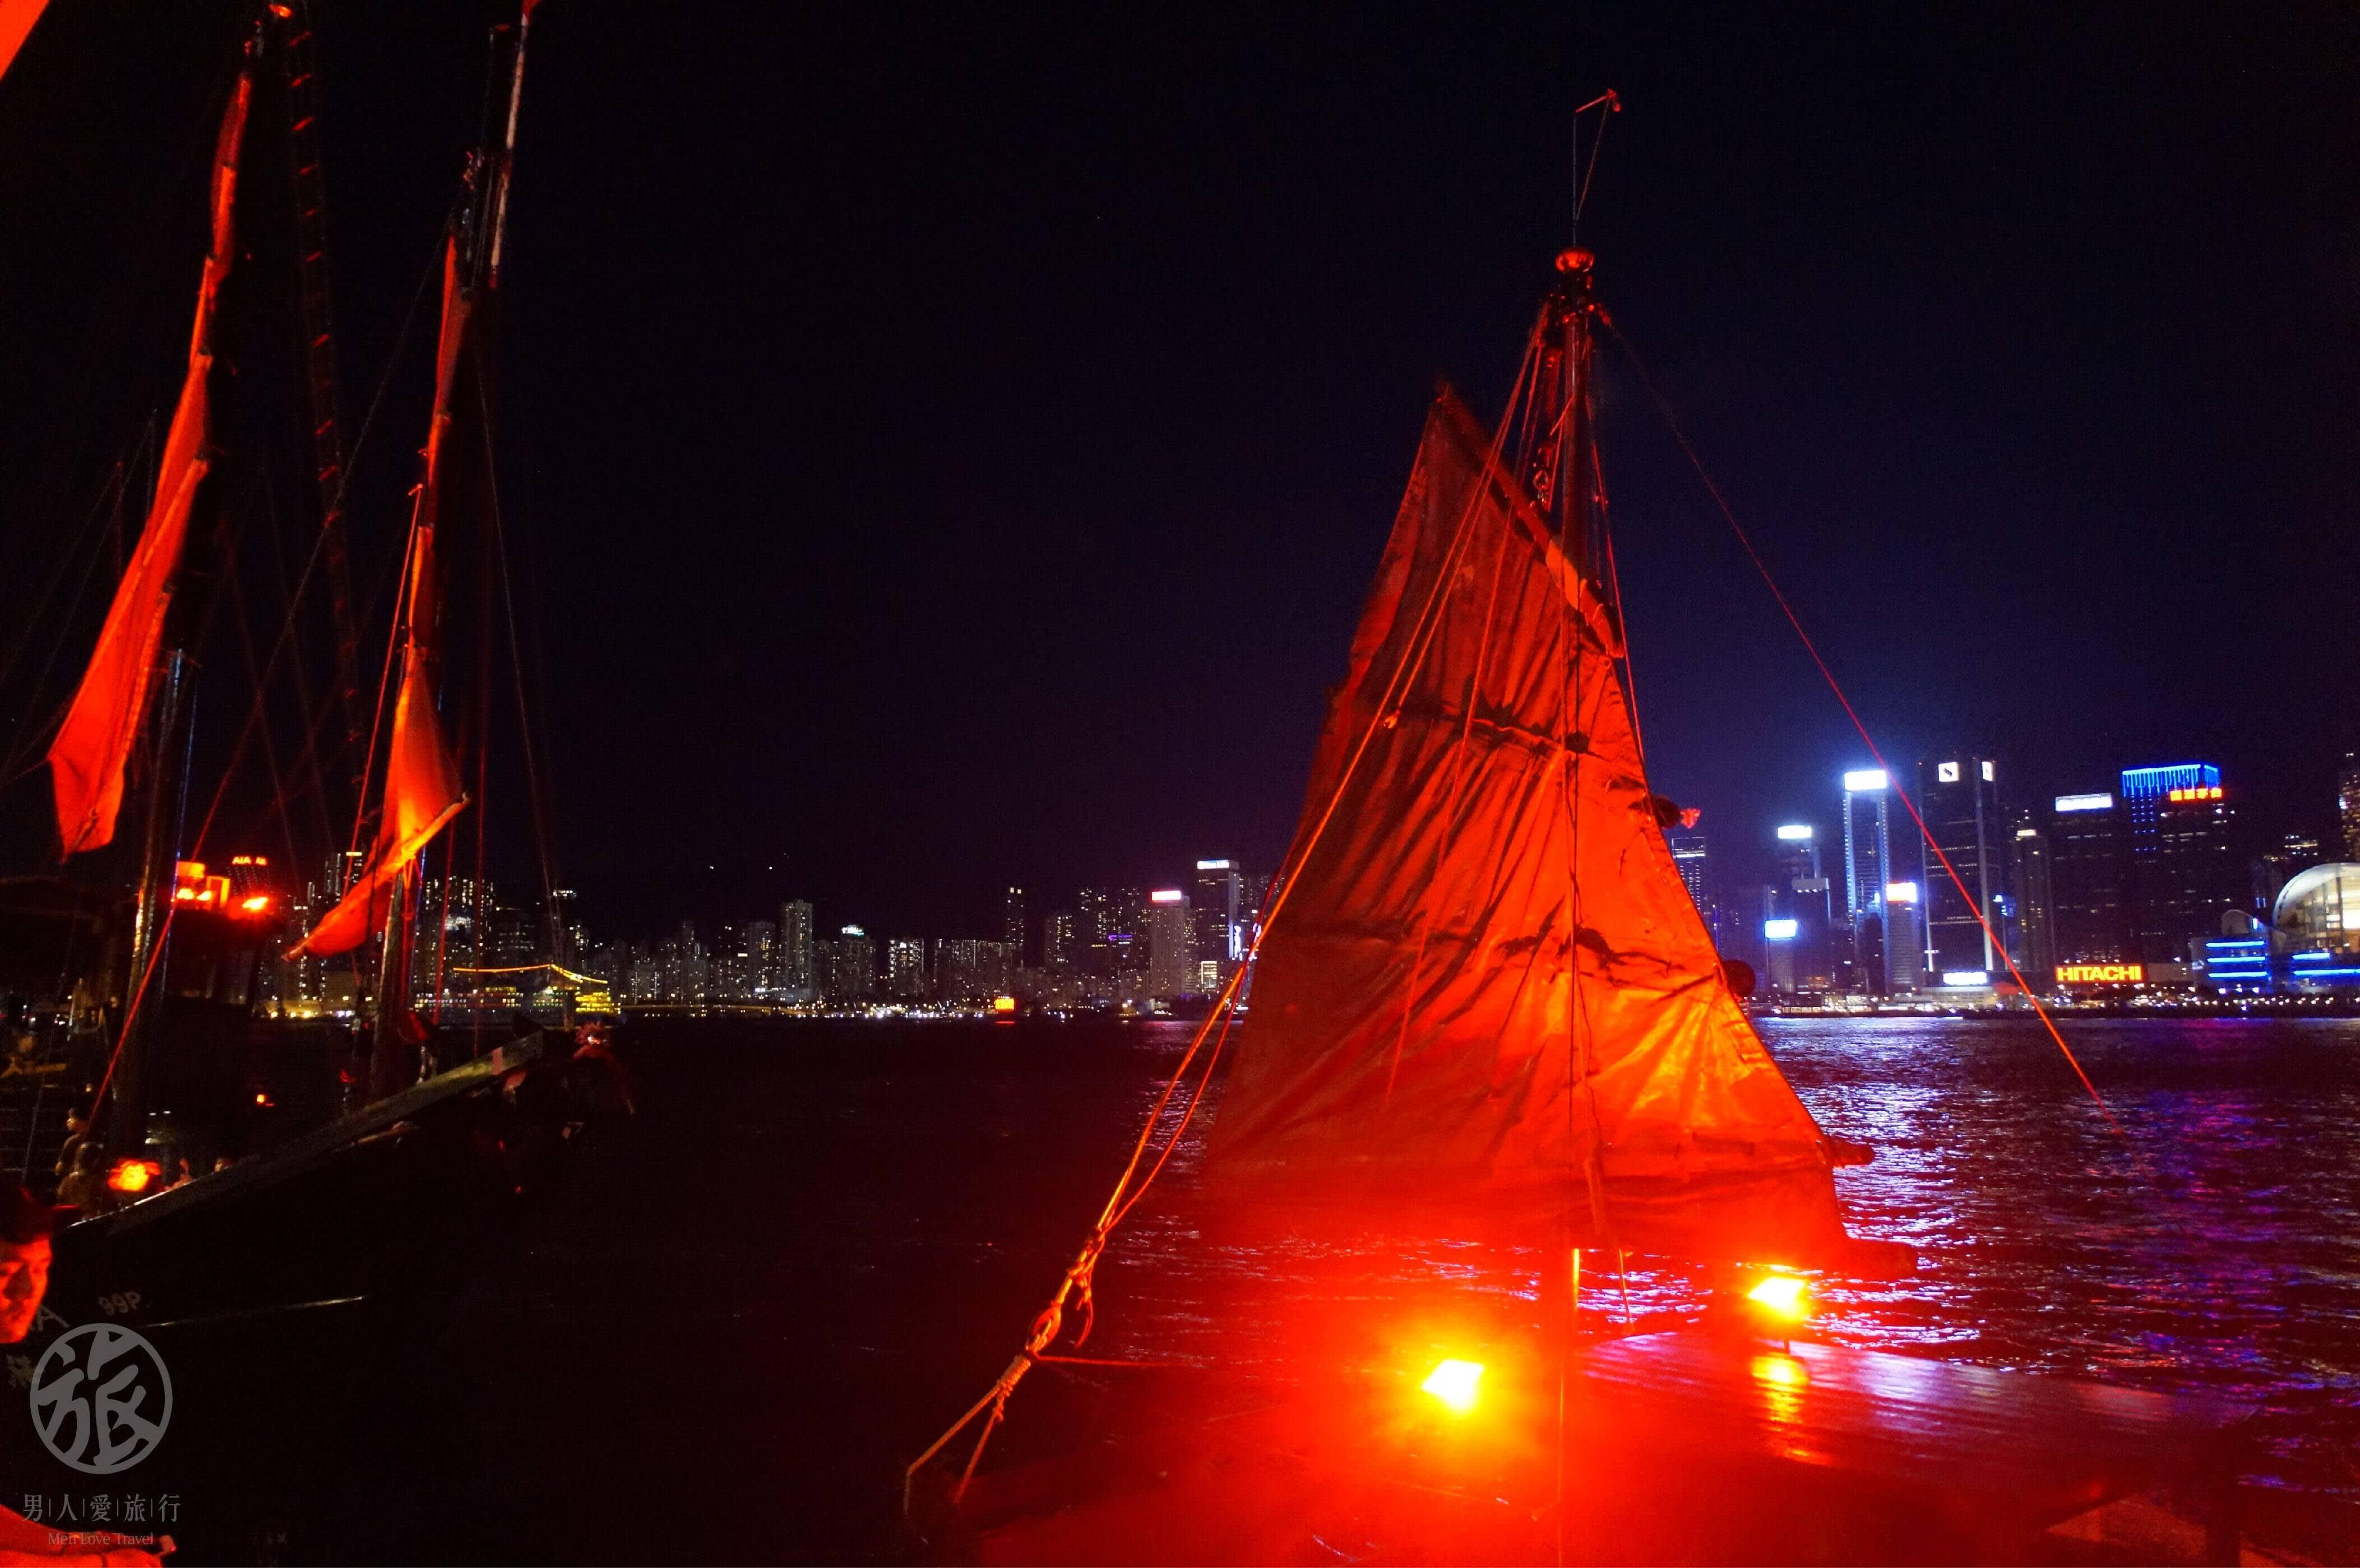 彷 彿 回 到 航 海 時 代 , 維 多 莉 亞 港 的 歷 史 感 盡 現